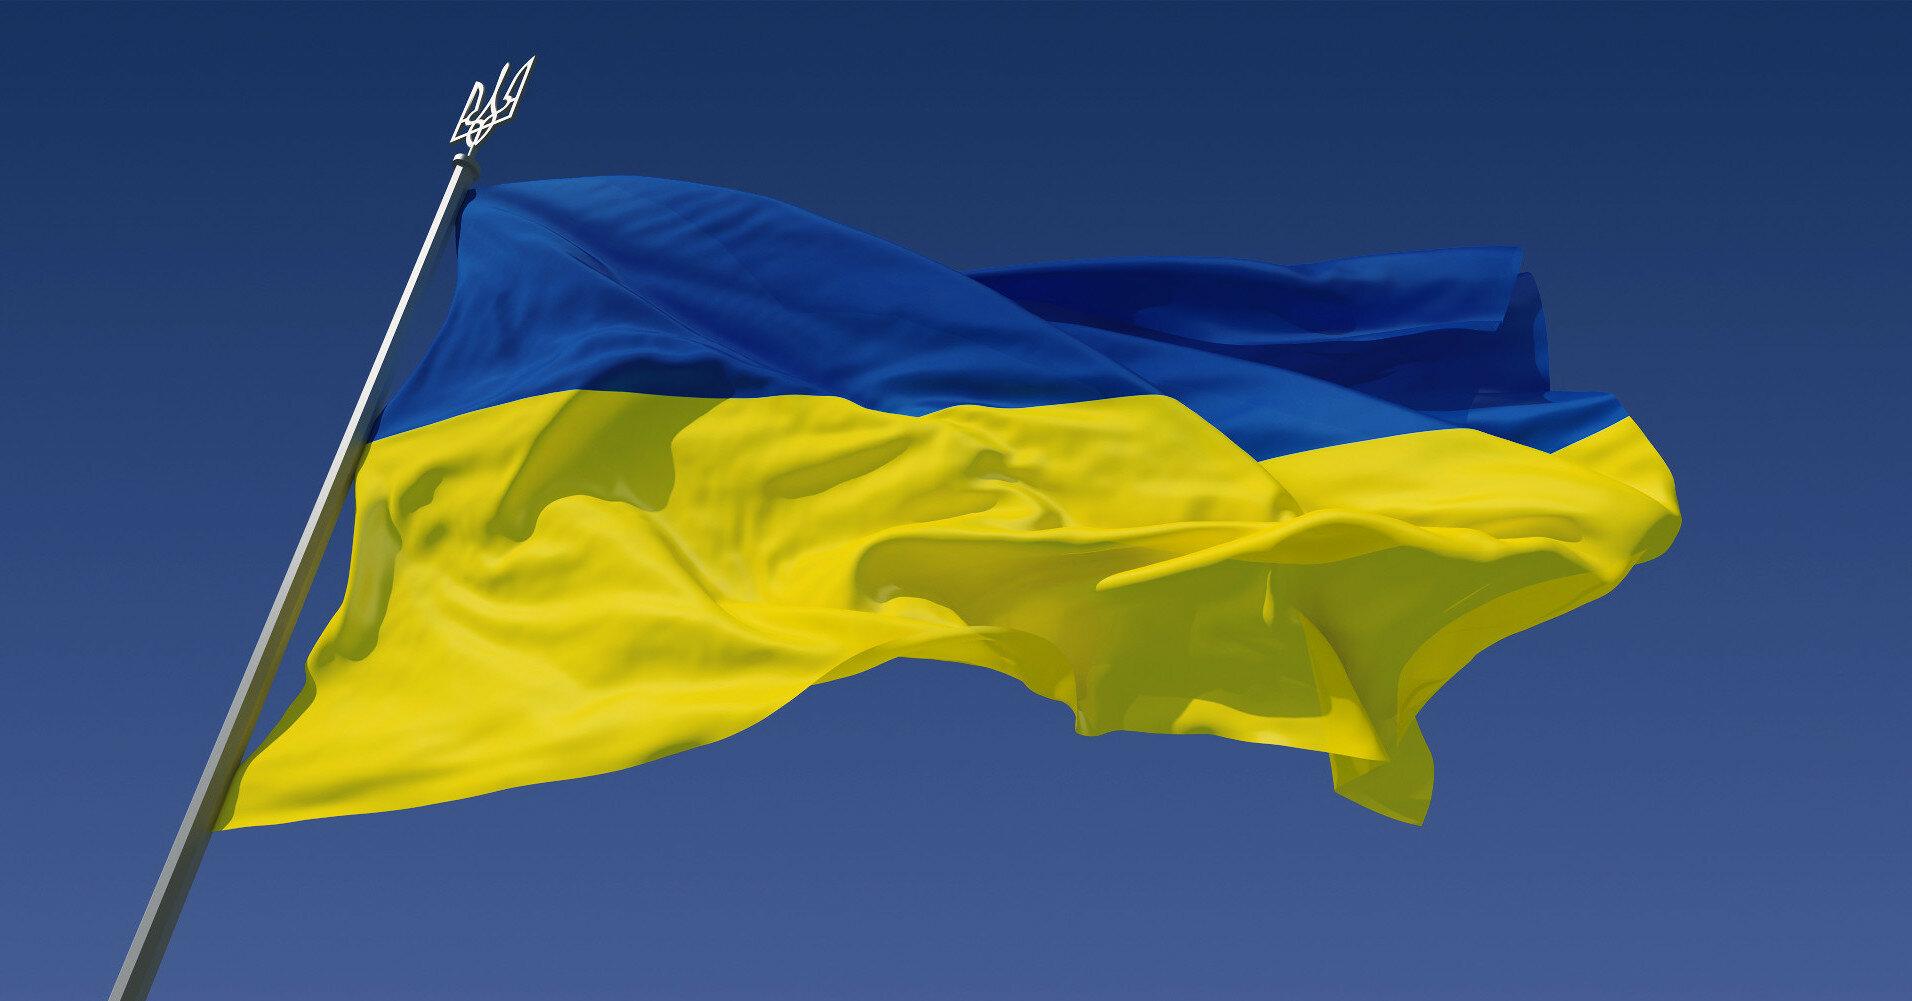 Спортивного комментатора РФ внесли в список угрожающих Украине лиц